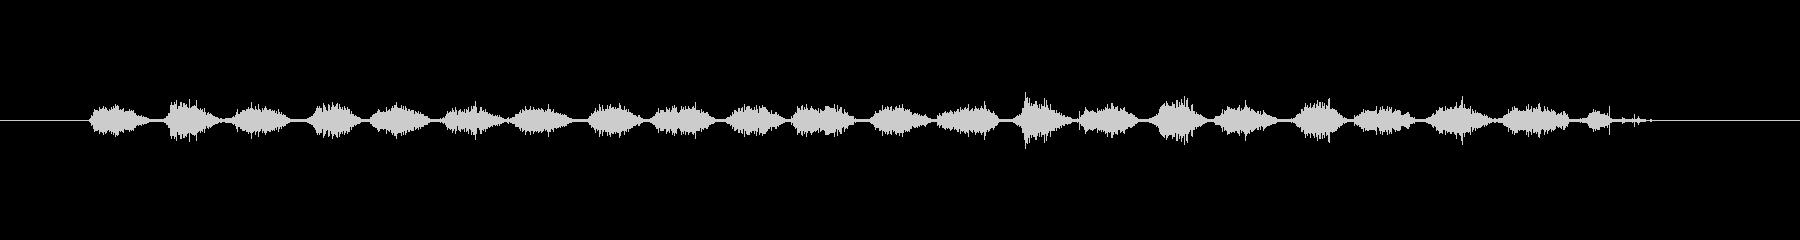 【シャープペン01-11(塗りつぶす)】の未再生の波形